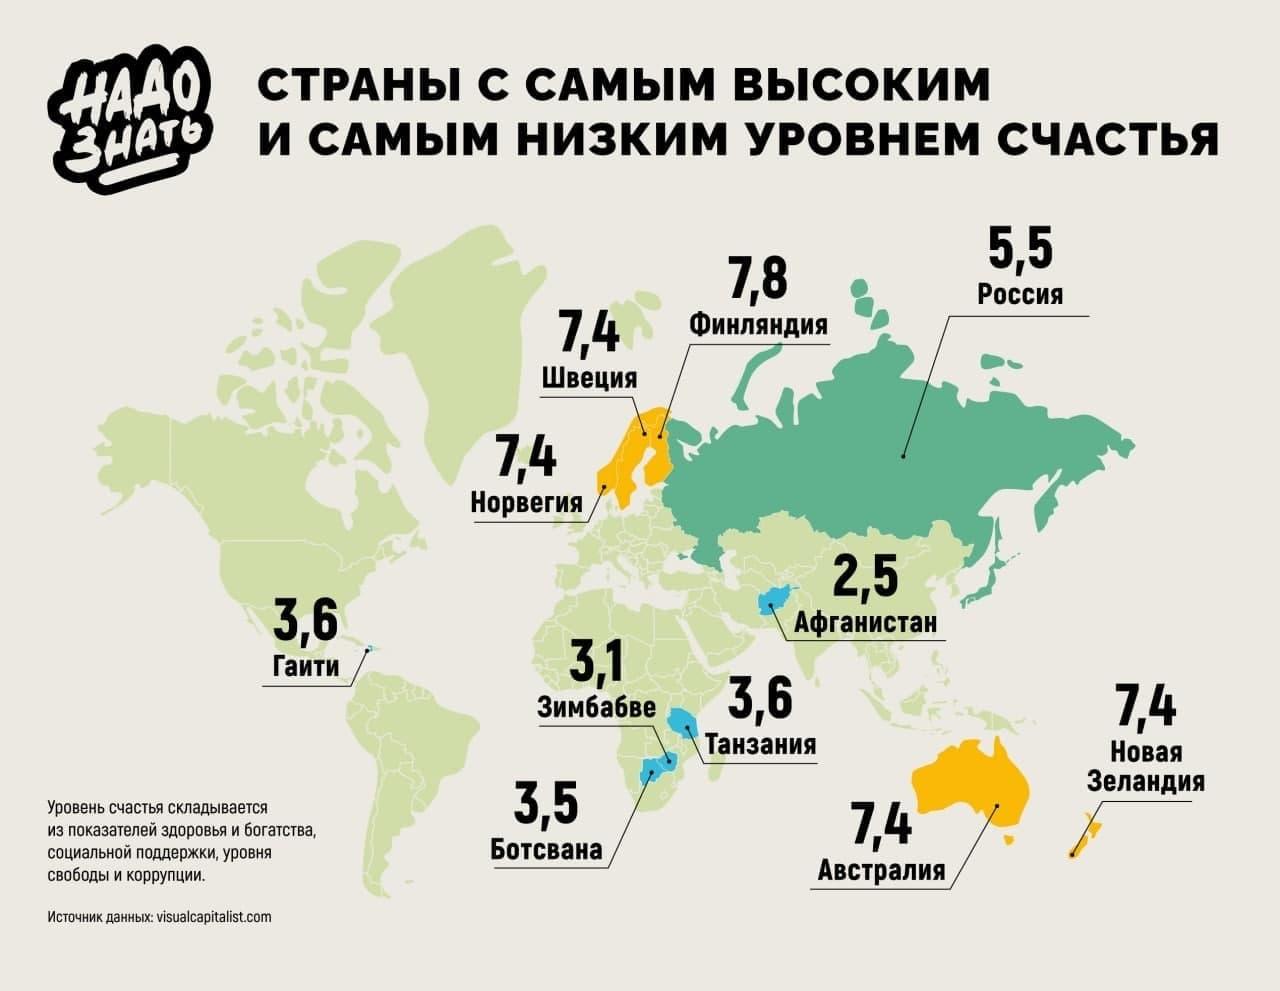 Страны с самым высоким и самым низким уровнем счастья